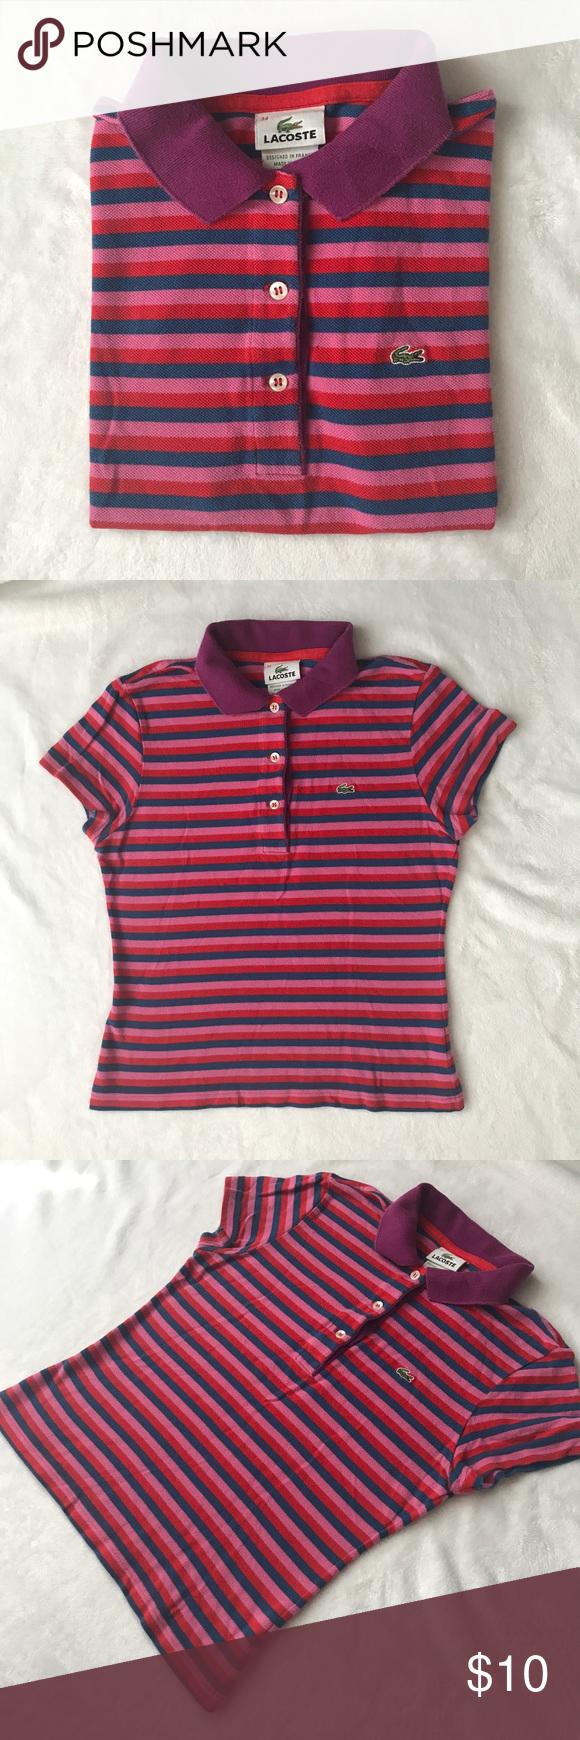 Women's Lacoste Polo Shirt Petite Junior Size Women's Lacoste Polo Shirt for petites size 34 junior Lacoste Tops Blouses